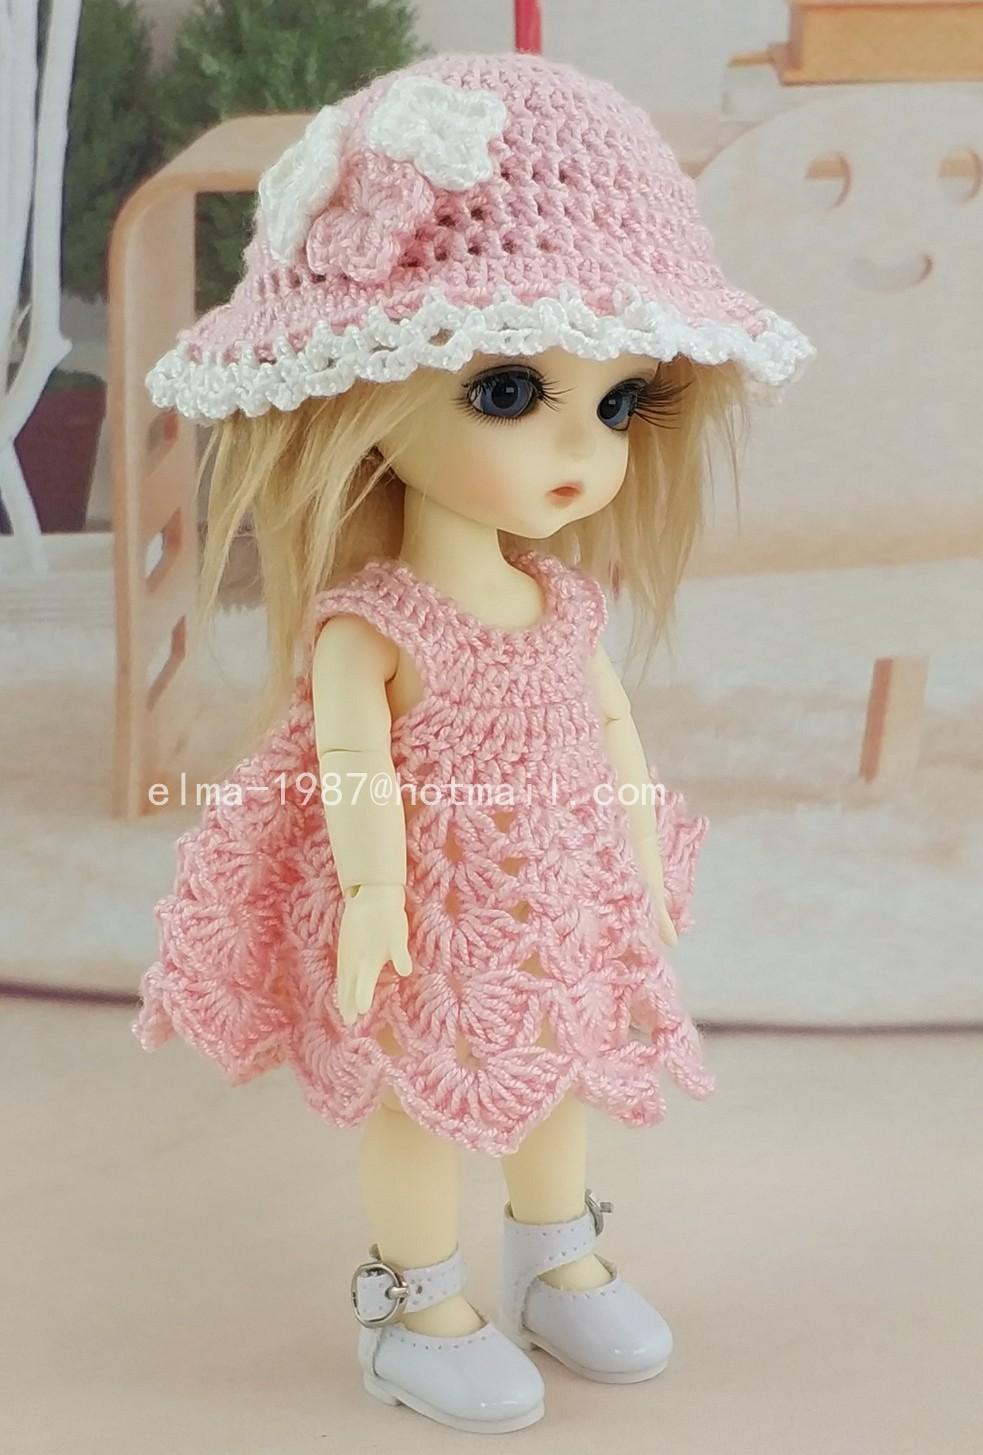 cute-pink-dress-51.jpg